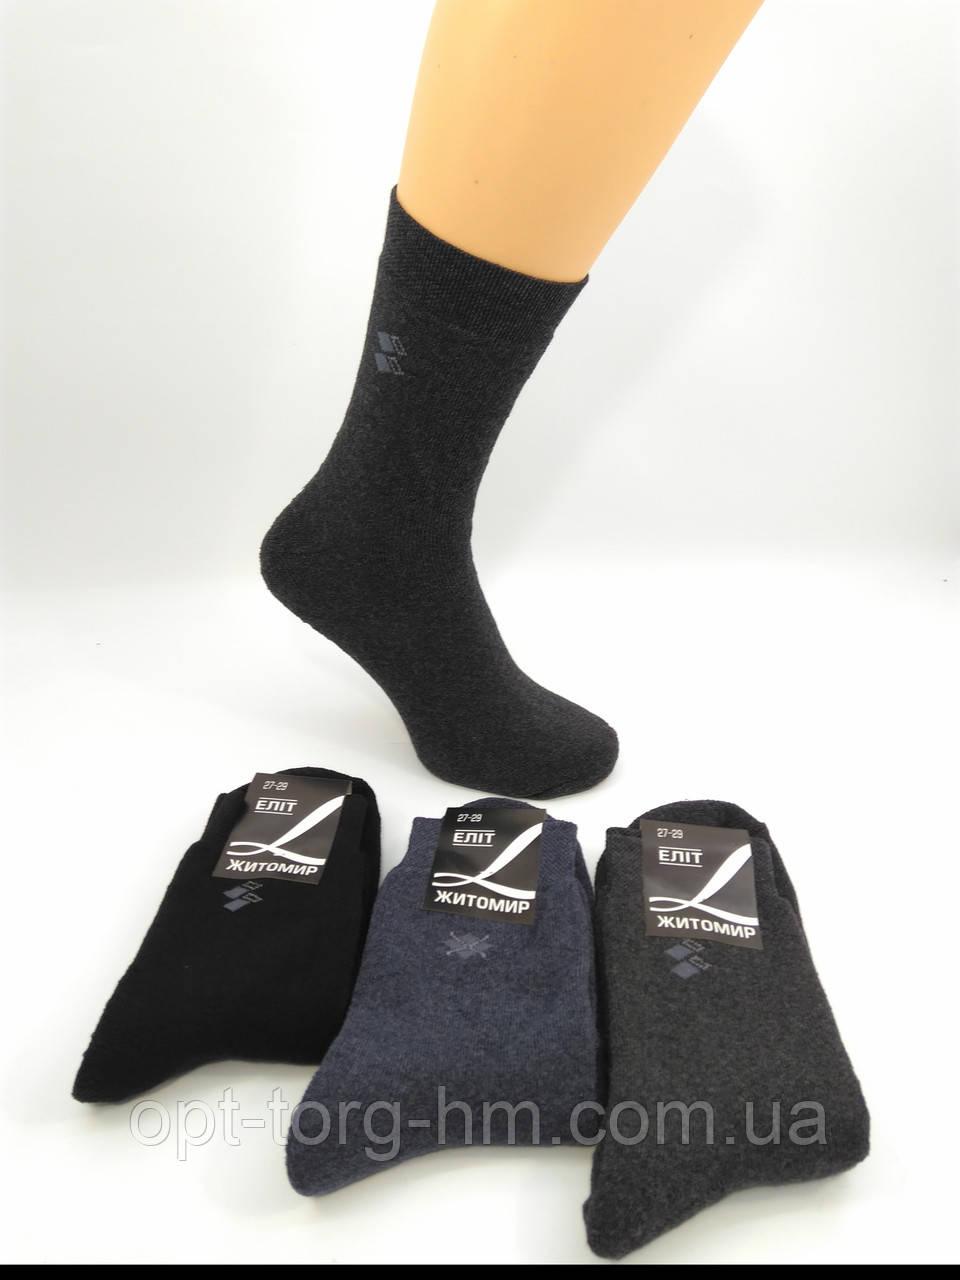 Махровые носки (KS). 3 цвета 27-29  (41-44обувь)